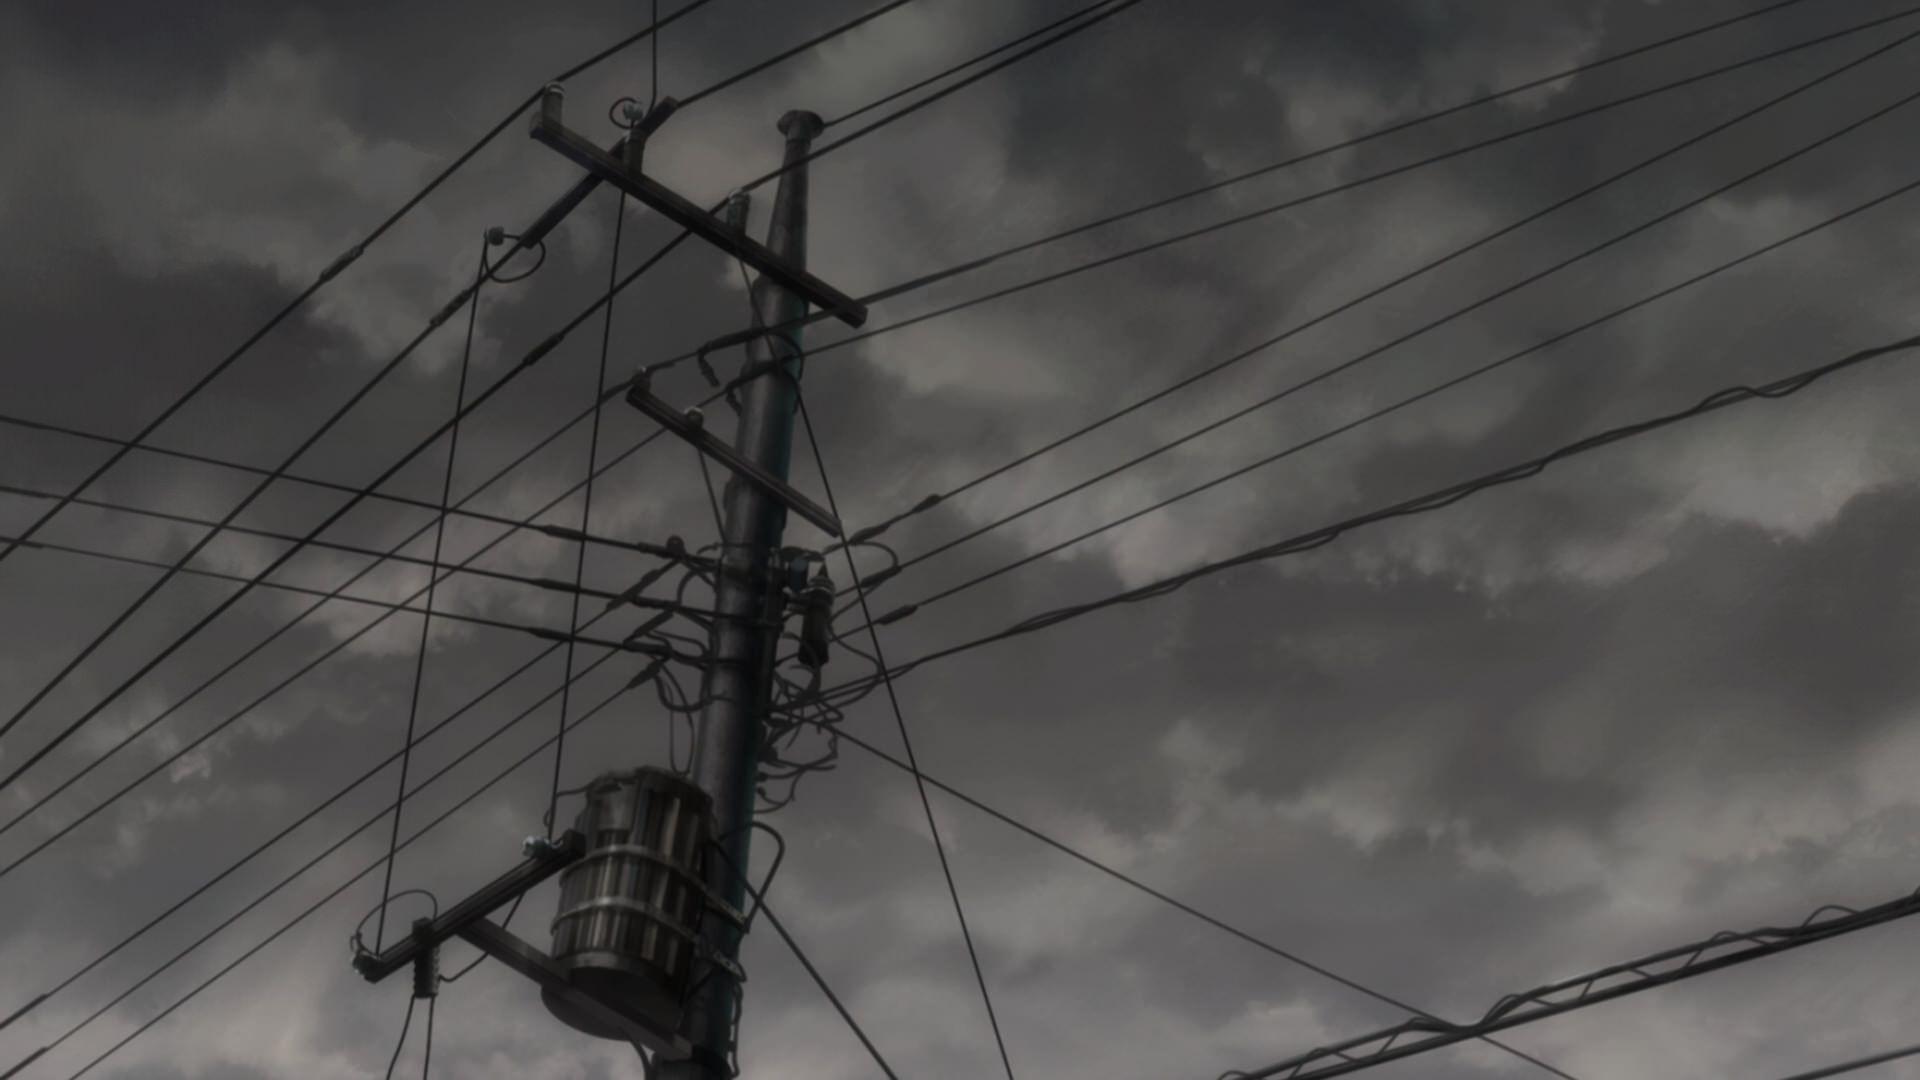 s01e13 - Maō to Yūsha, Mattō ni Shigoto ni Hagemu